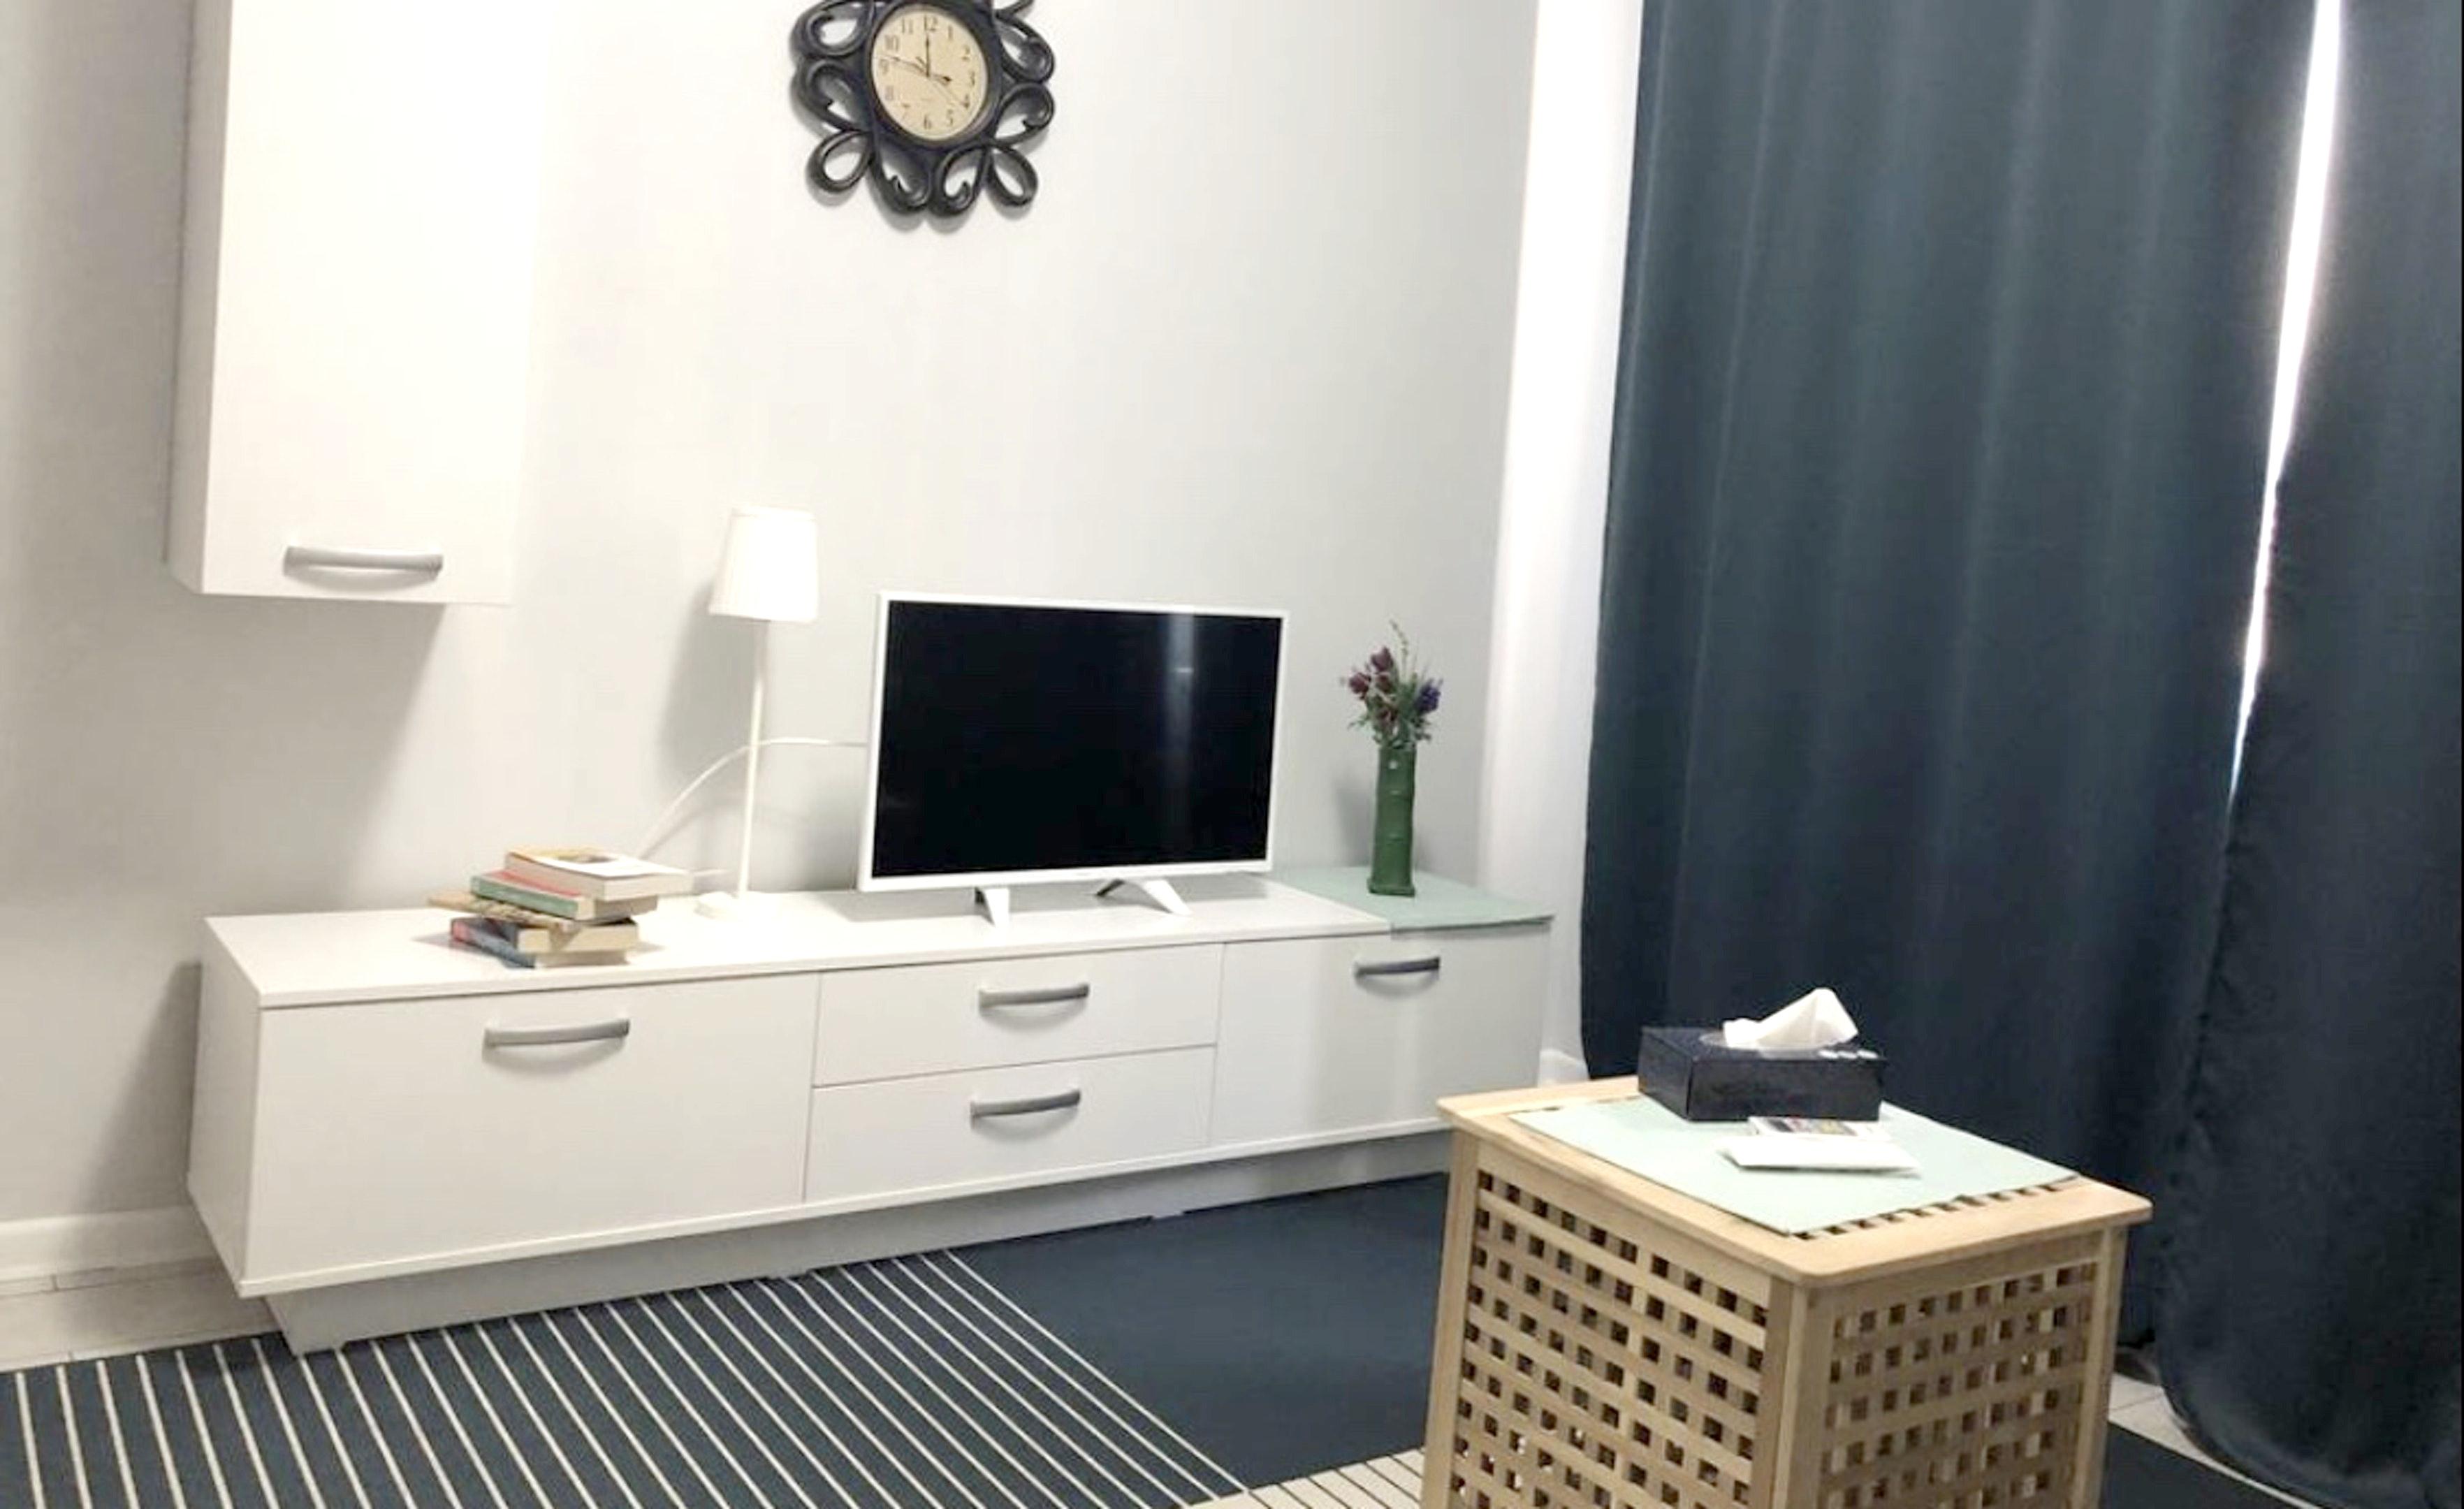 Studio in Ro?u mit Balkon und W-LAN Ferienwohnung in Rumänien